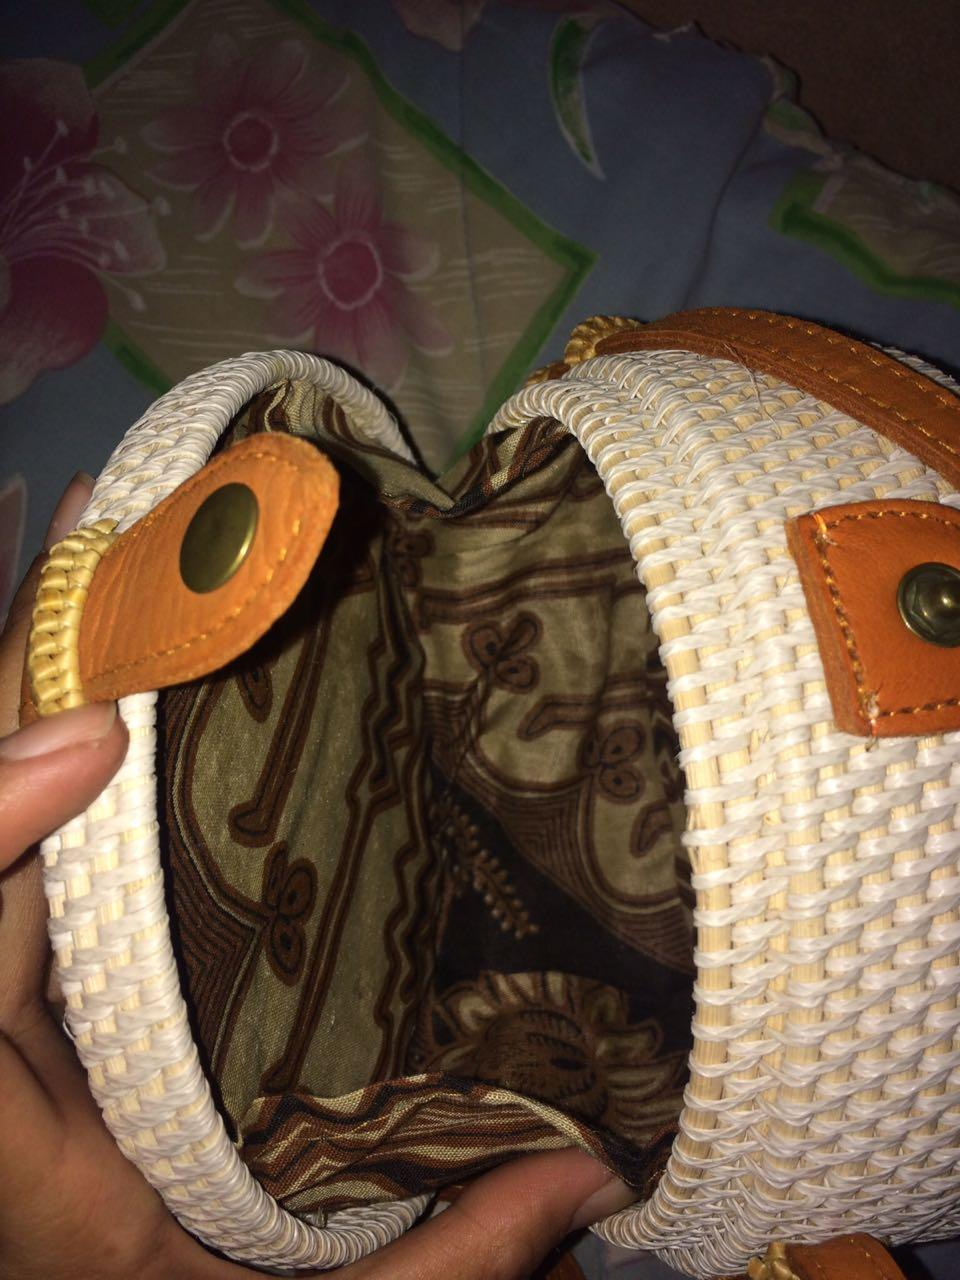 Tas Ratan ate Bali/Tas Ratan ate Warna Putih/Motif Polos/Tas Rajut - Bulat